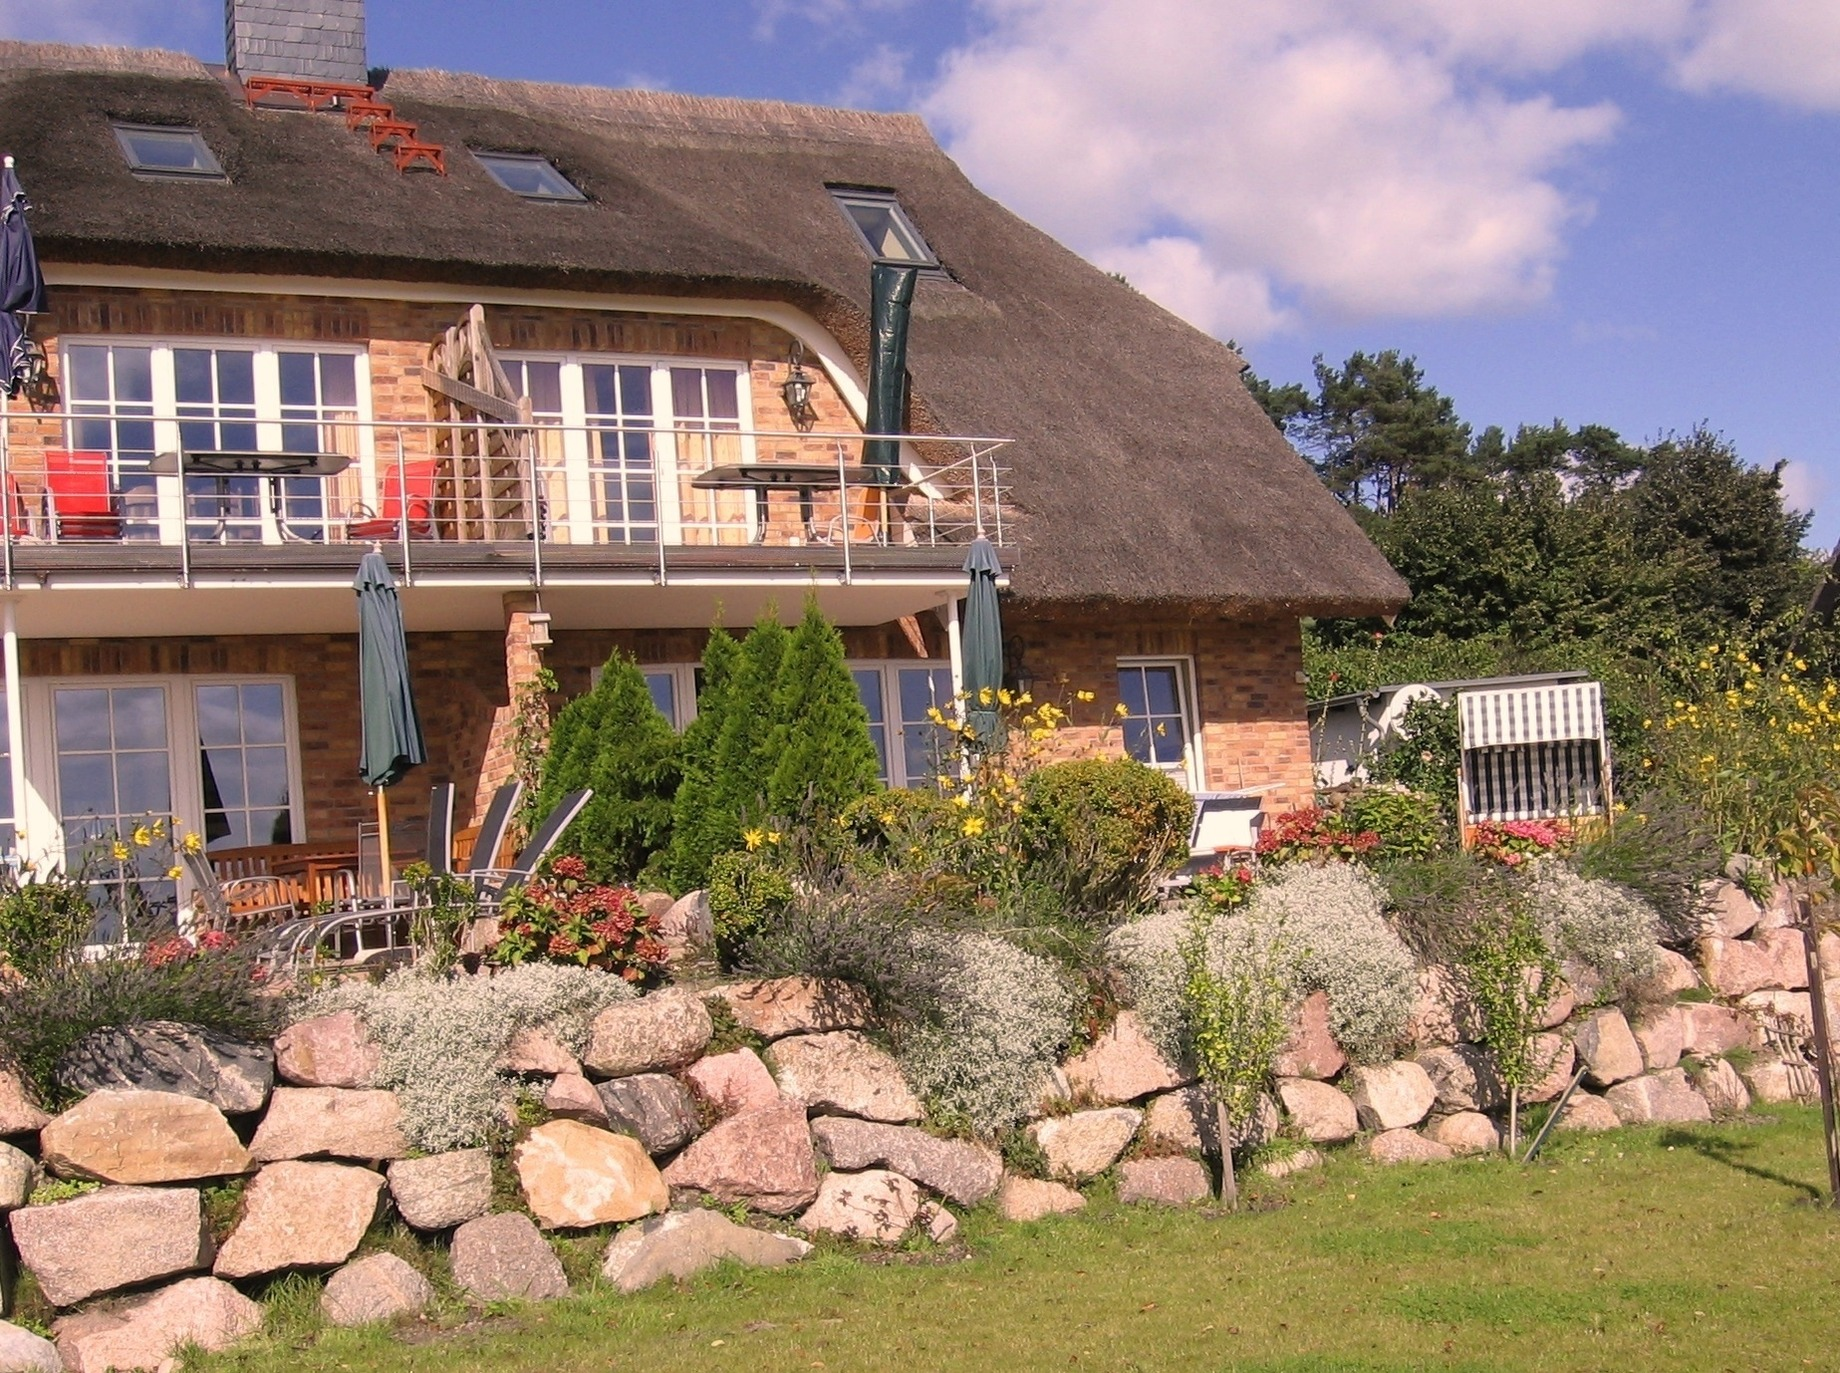 Ferienwohnung Sonnenkliff EG (1710402), Groß Zicker, Rügen, Mecklenburg-Vorpommern, Deutschland, Bild 1